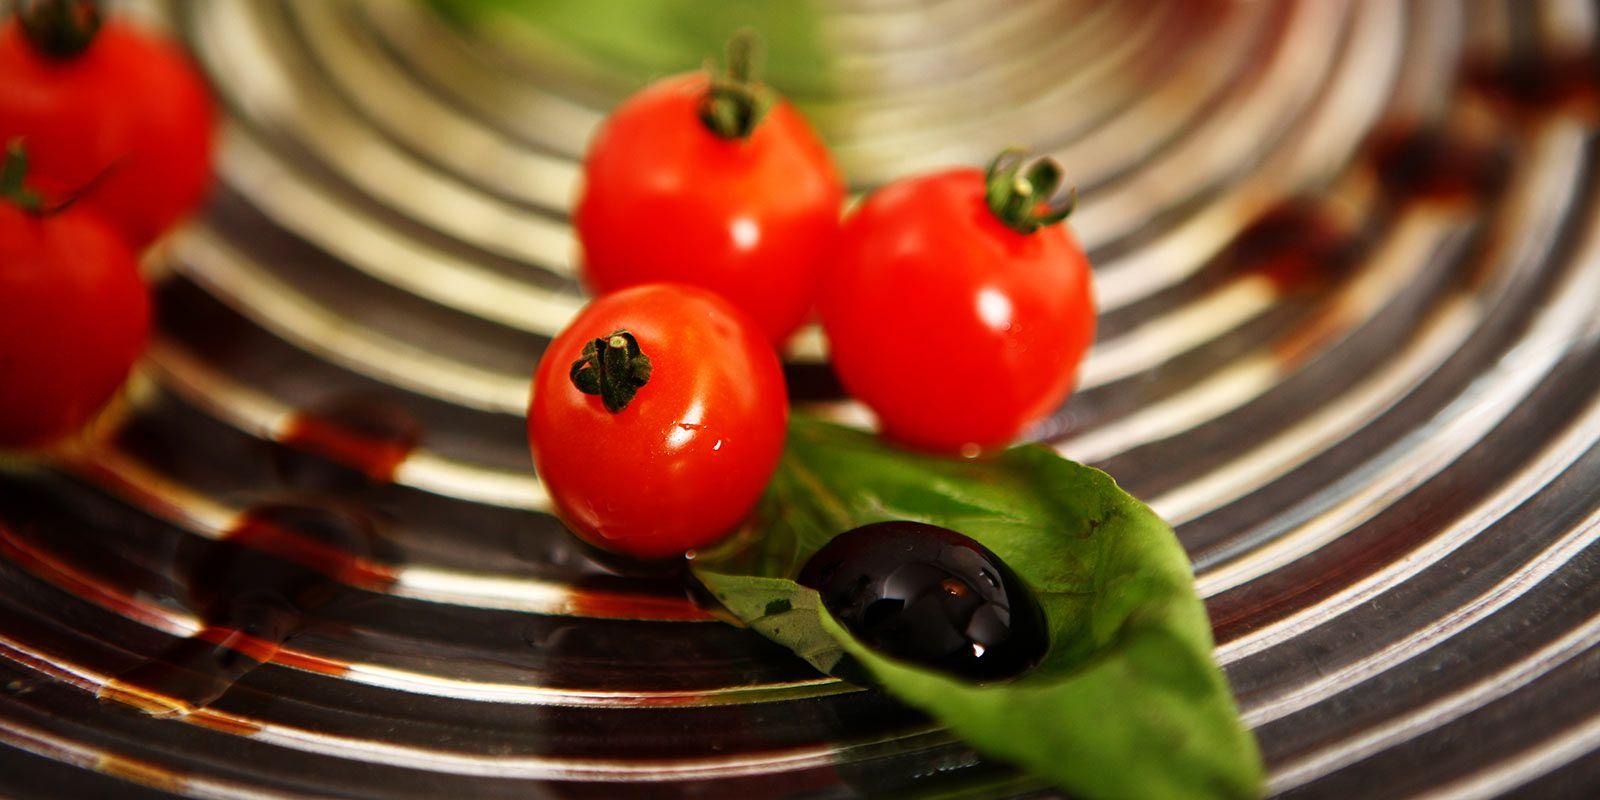 Alles Gesund - Gesundes Essen | Gesundes essen, Essen, Küche